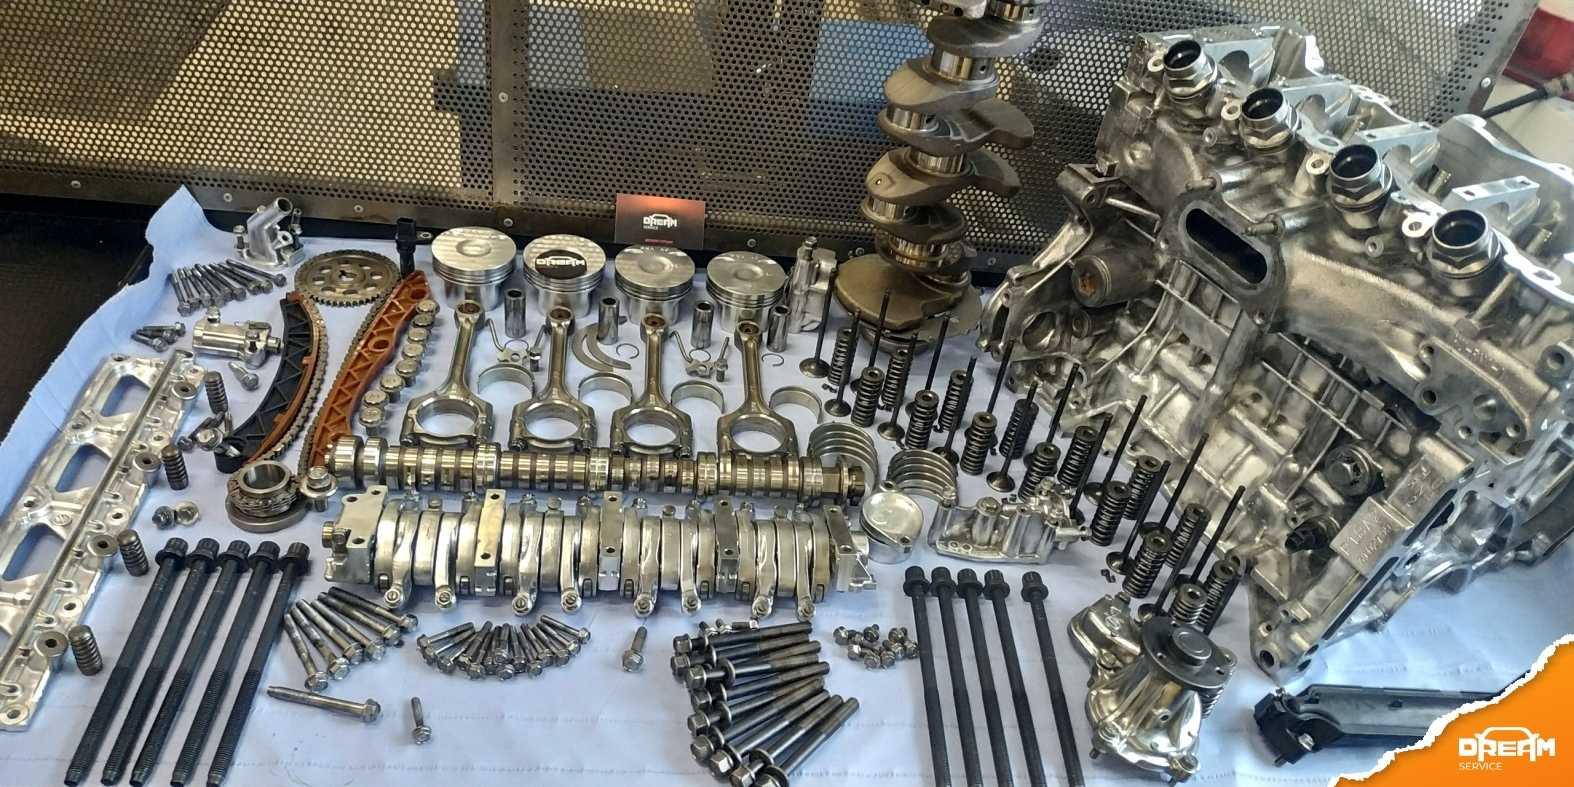 Признаки капитального ремонта двигателя Капитальный ремонт капитальный ремонт двигателя капитальный ремонт автомобиля капитальный ремонт не дорого технология капитального ремонта